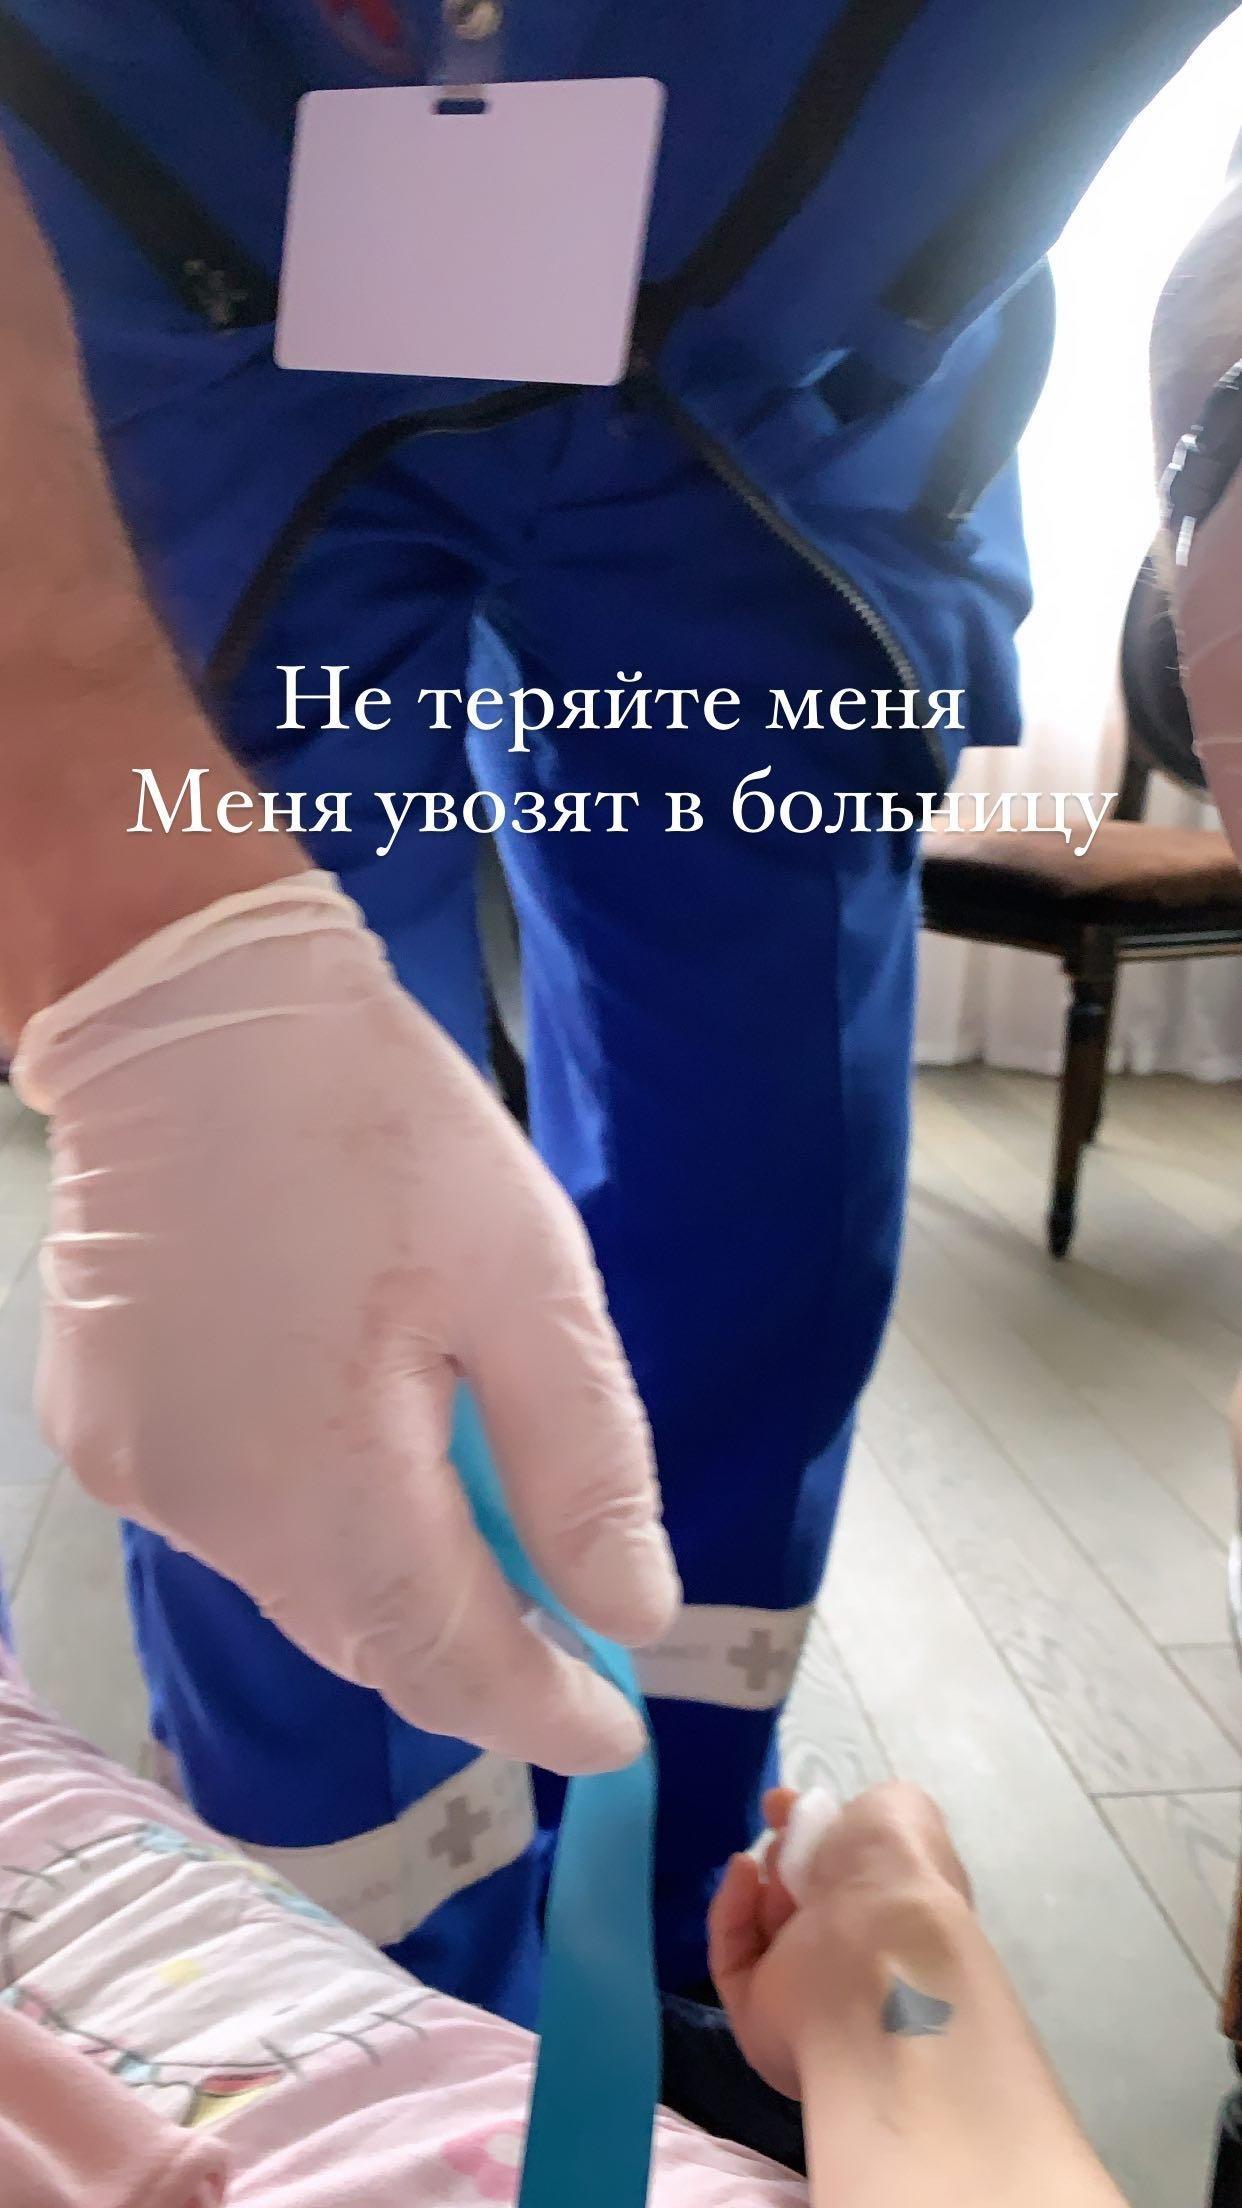 Алёну Водонаеву увезла скорая помощь в больницу